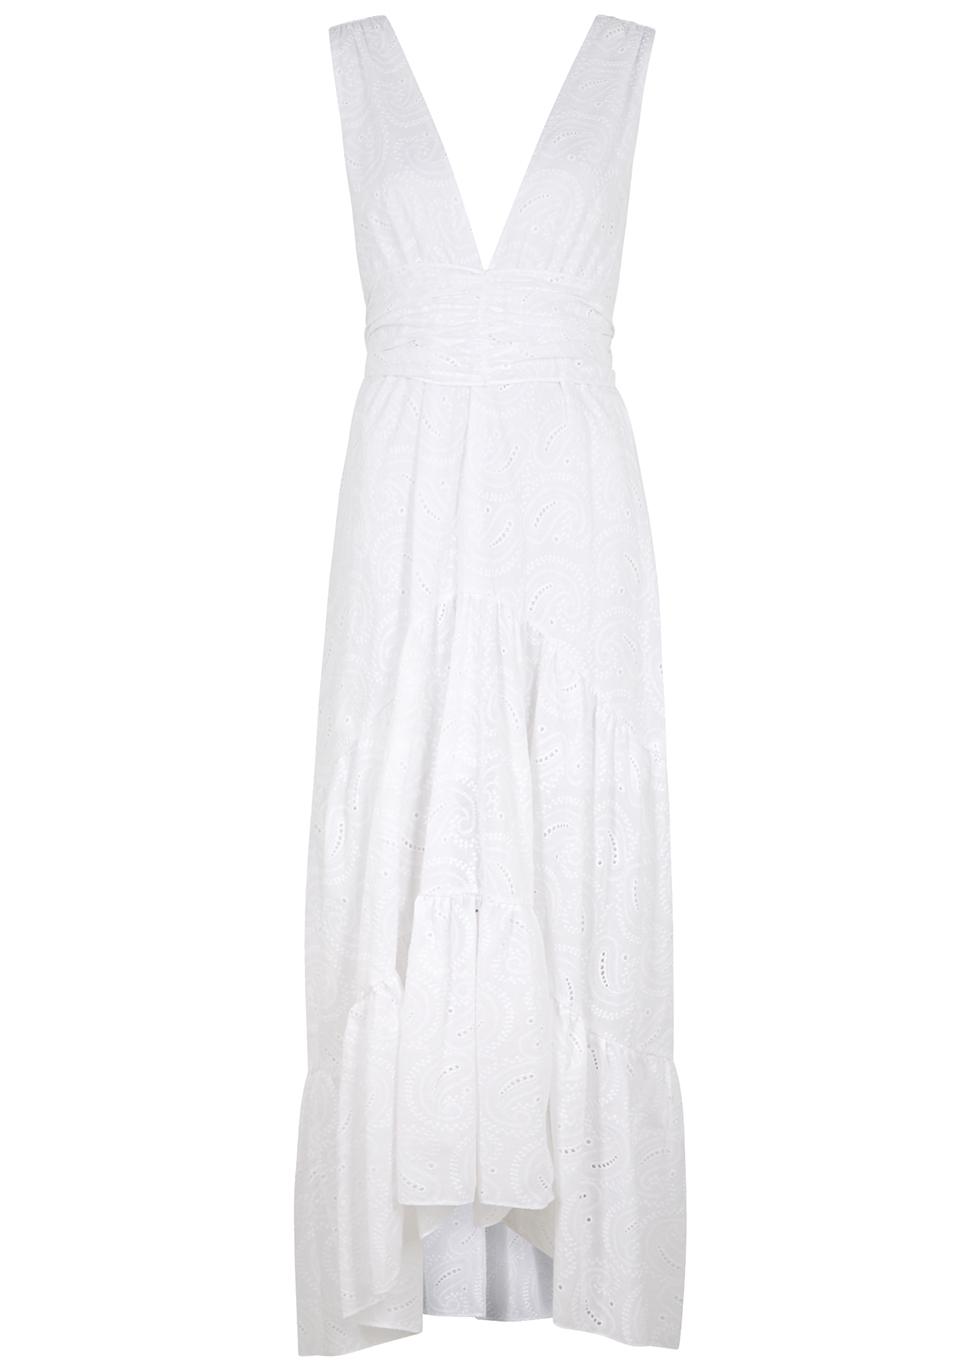 Ksenia white embroidered cotton maxi dress